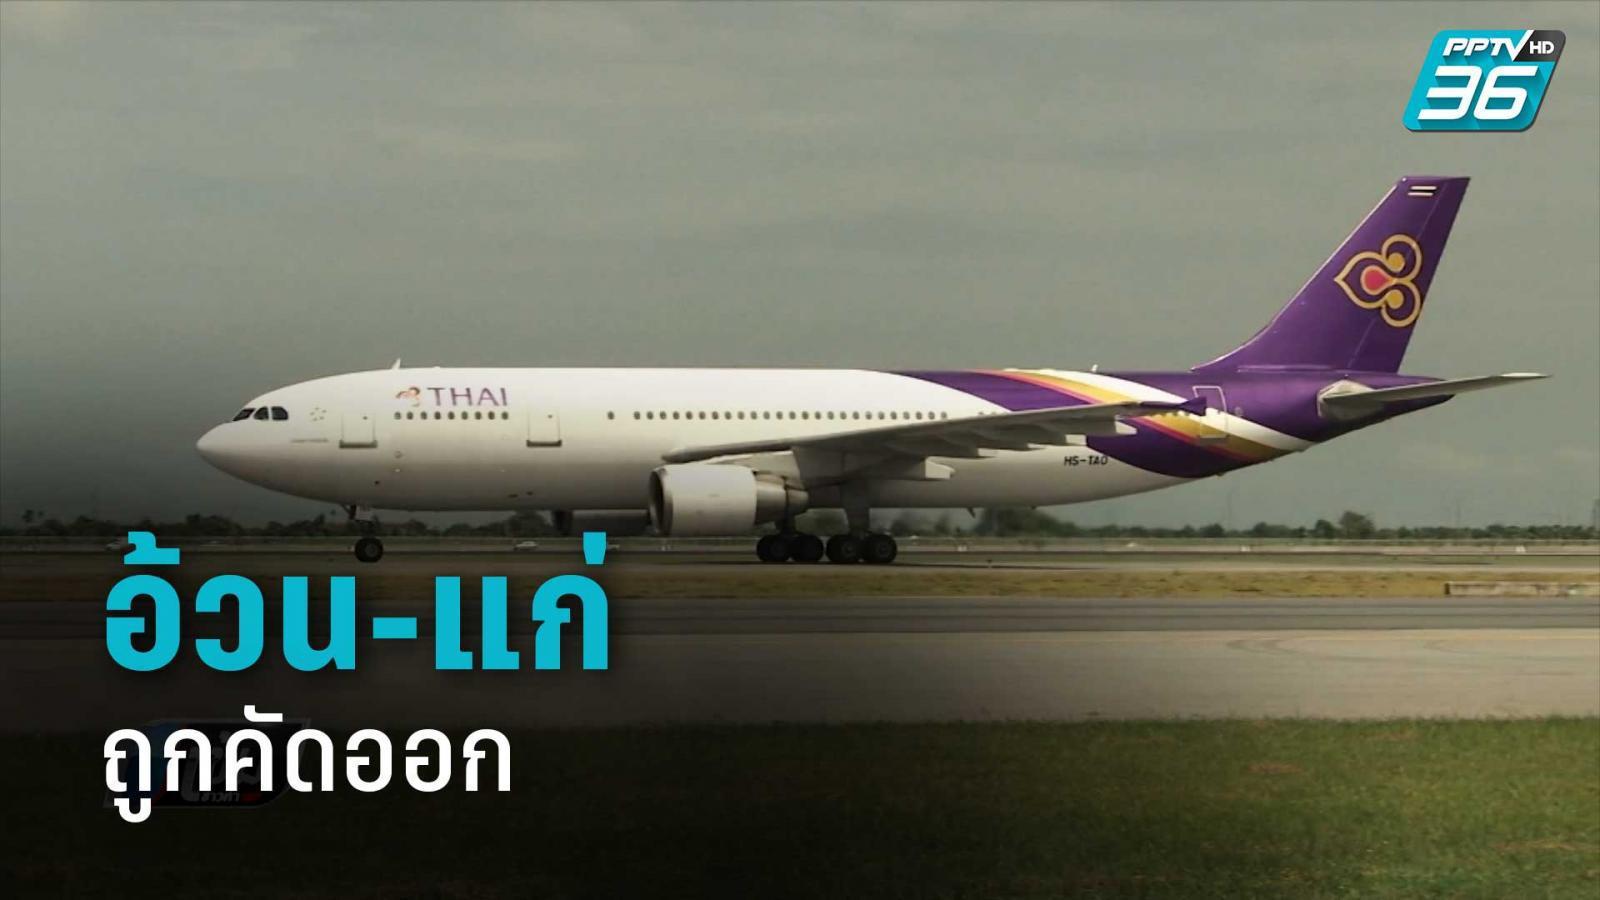 แอร์ฯการบินไทย ตัดพ้อ อ้วน-แก่ ถูกคัดออก